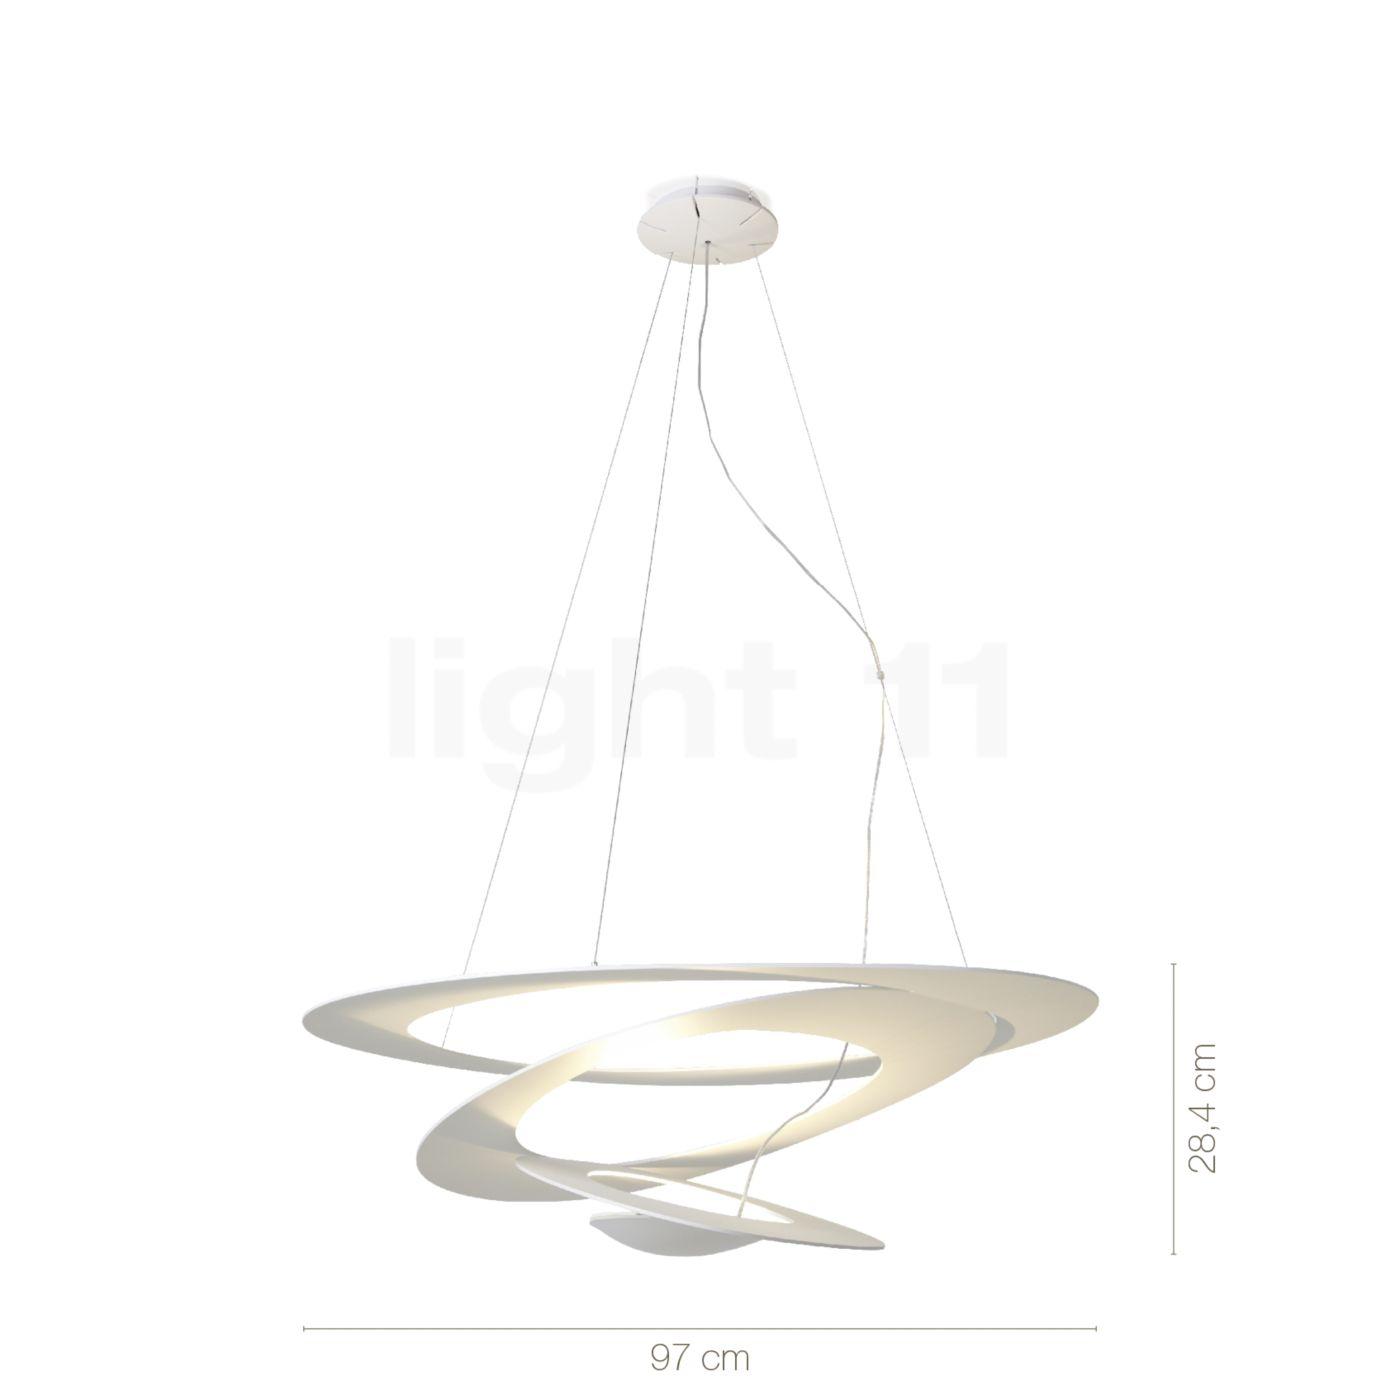 artemide pirce sospensione pendant lights buy at lighteu -